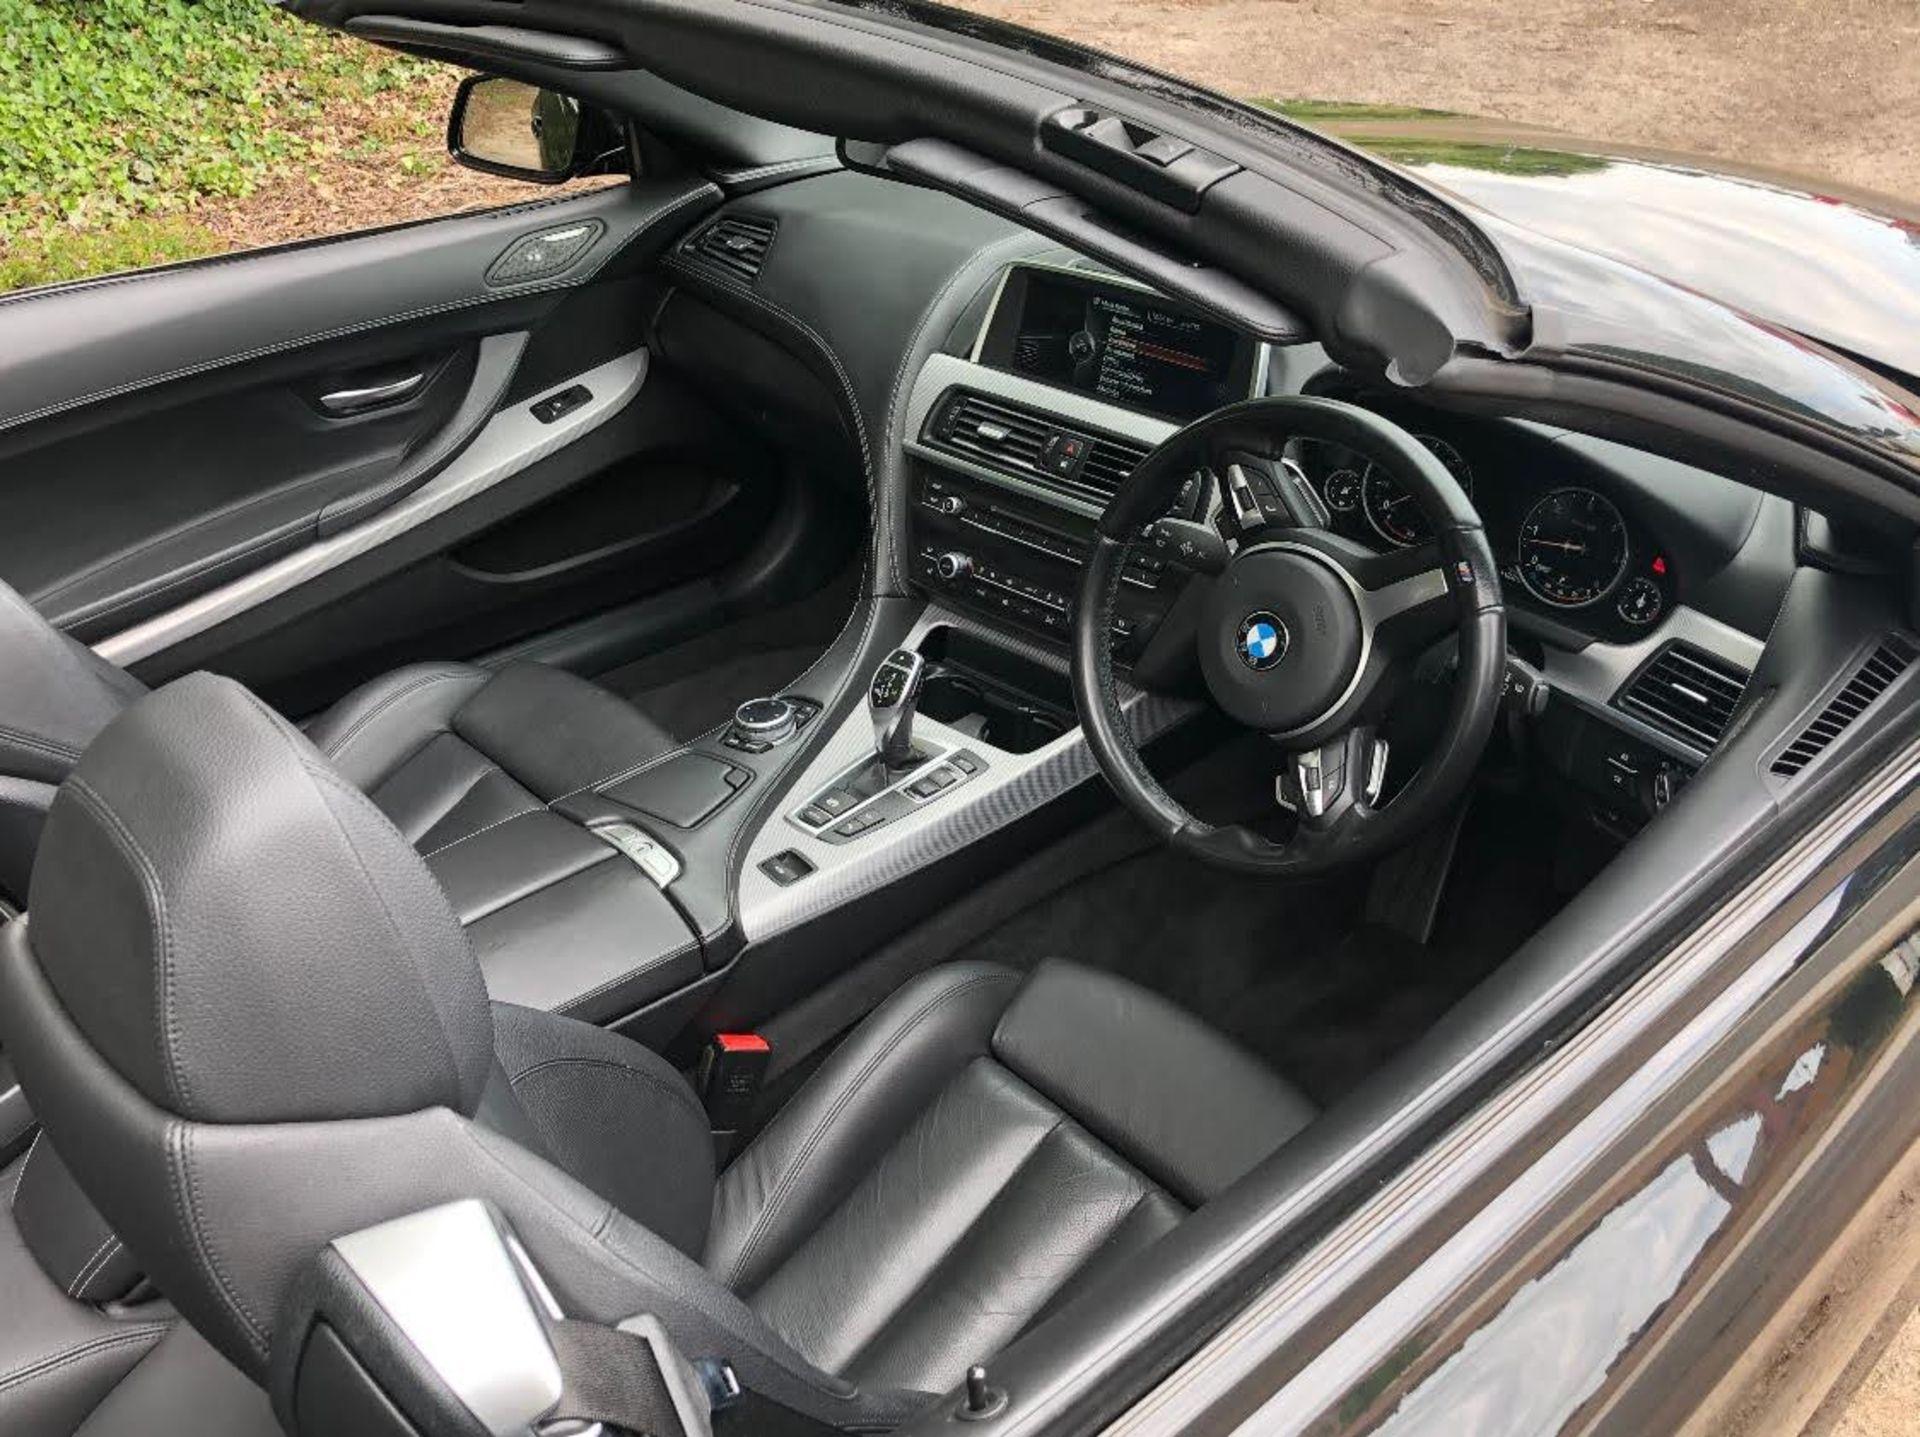 2014/14 REG BMW 640D M SPORT AUTOMATIC 3.0 DIESEL BLACK CONVERTIBLE *NO VAT* - Image 11 of 17